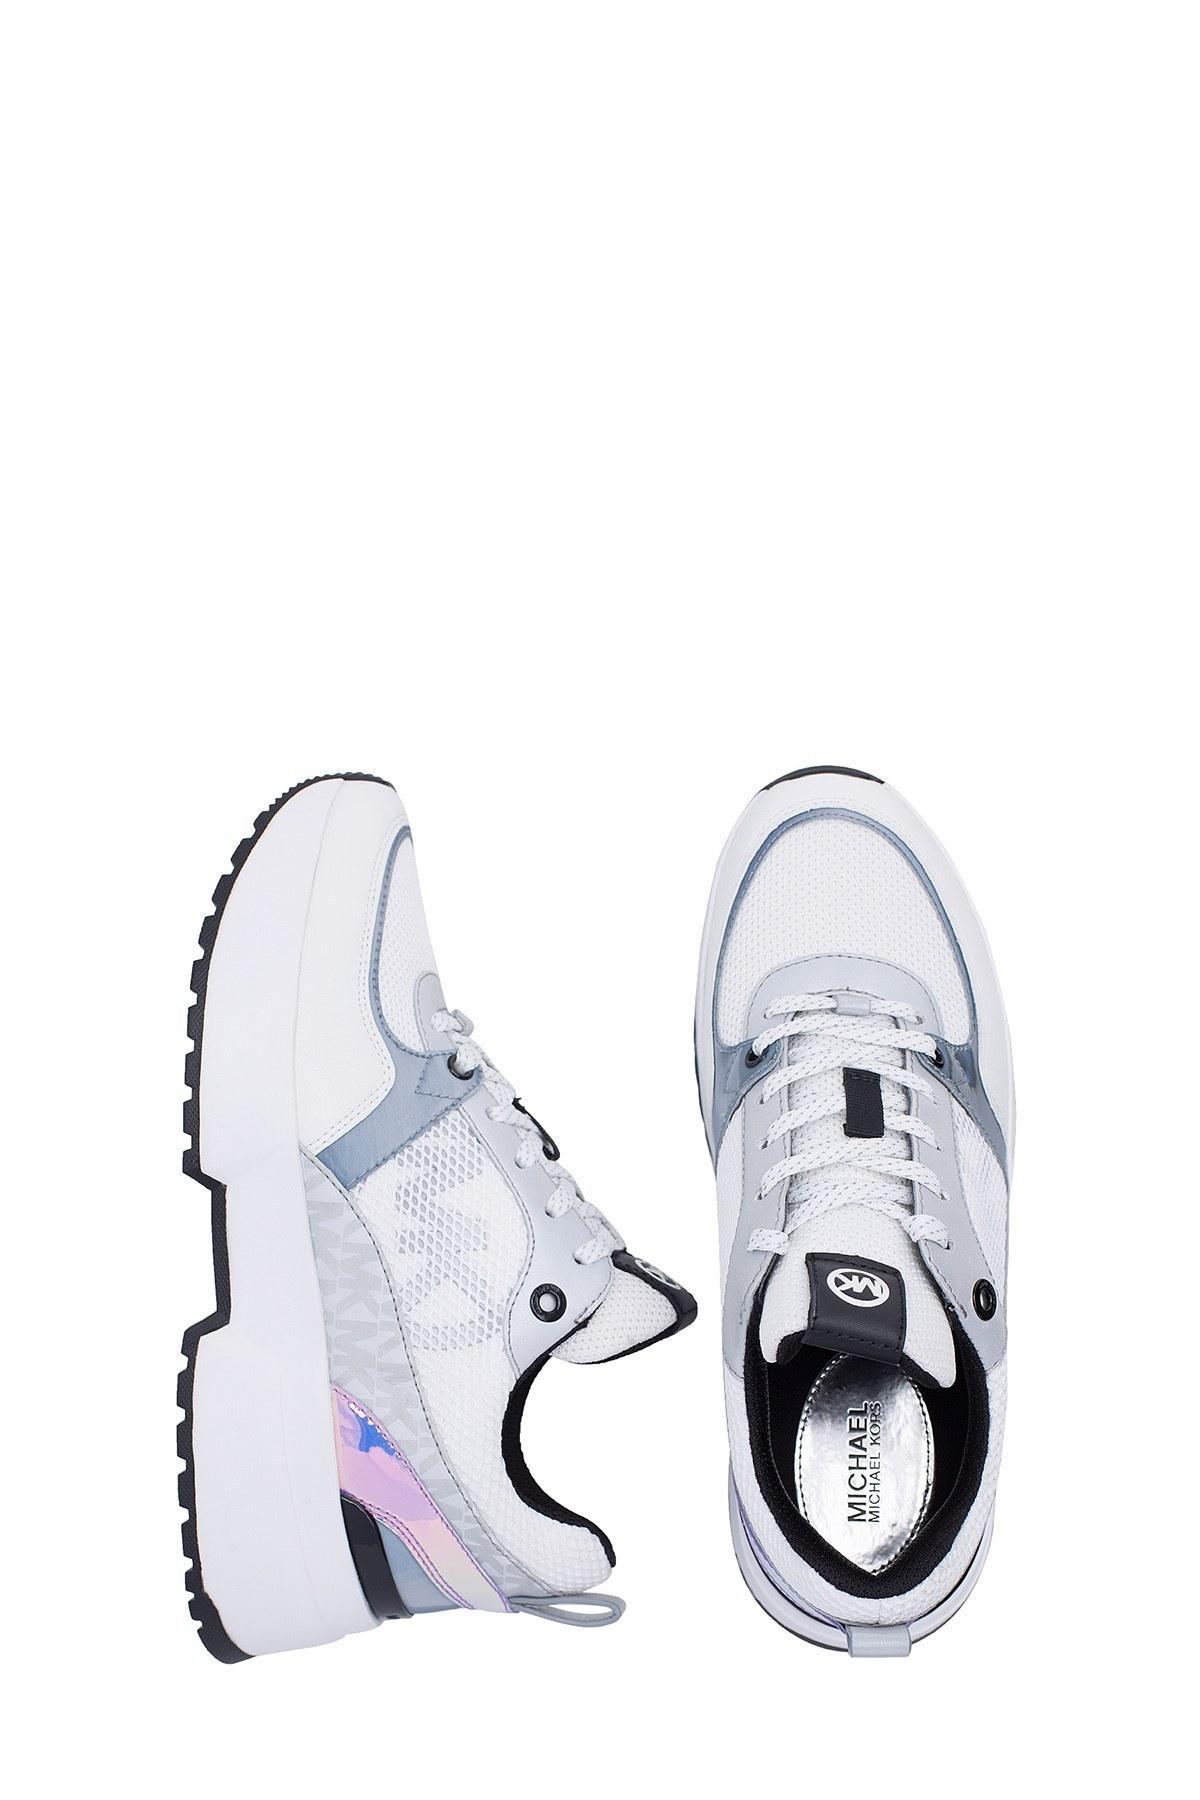 Michael Kors Kadın Ayakkabı 43R0BLFE9D 085 BEYAZ